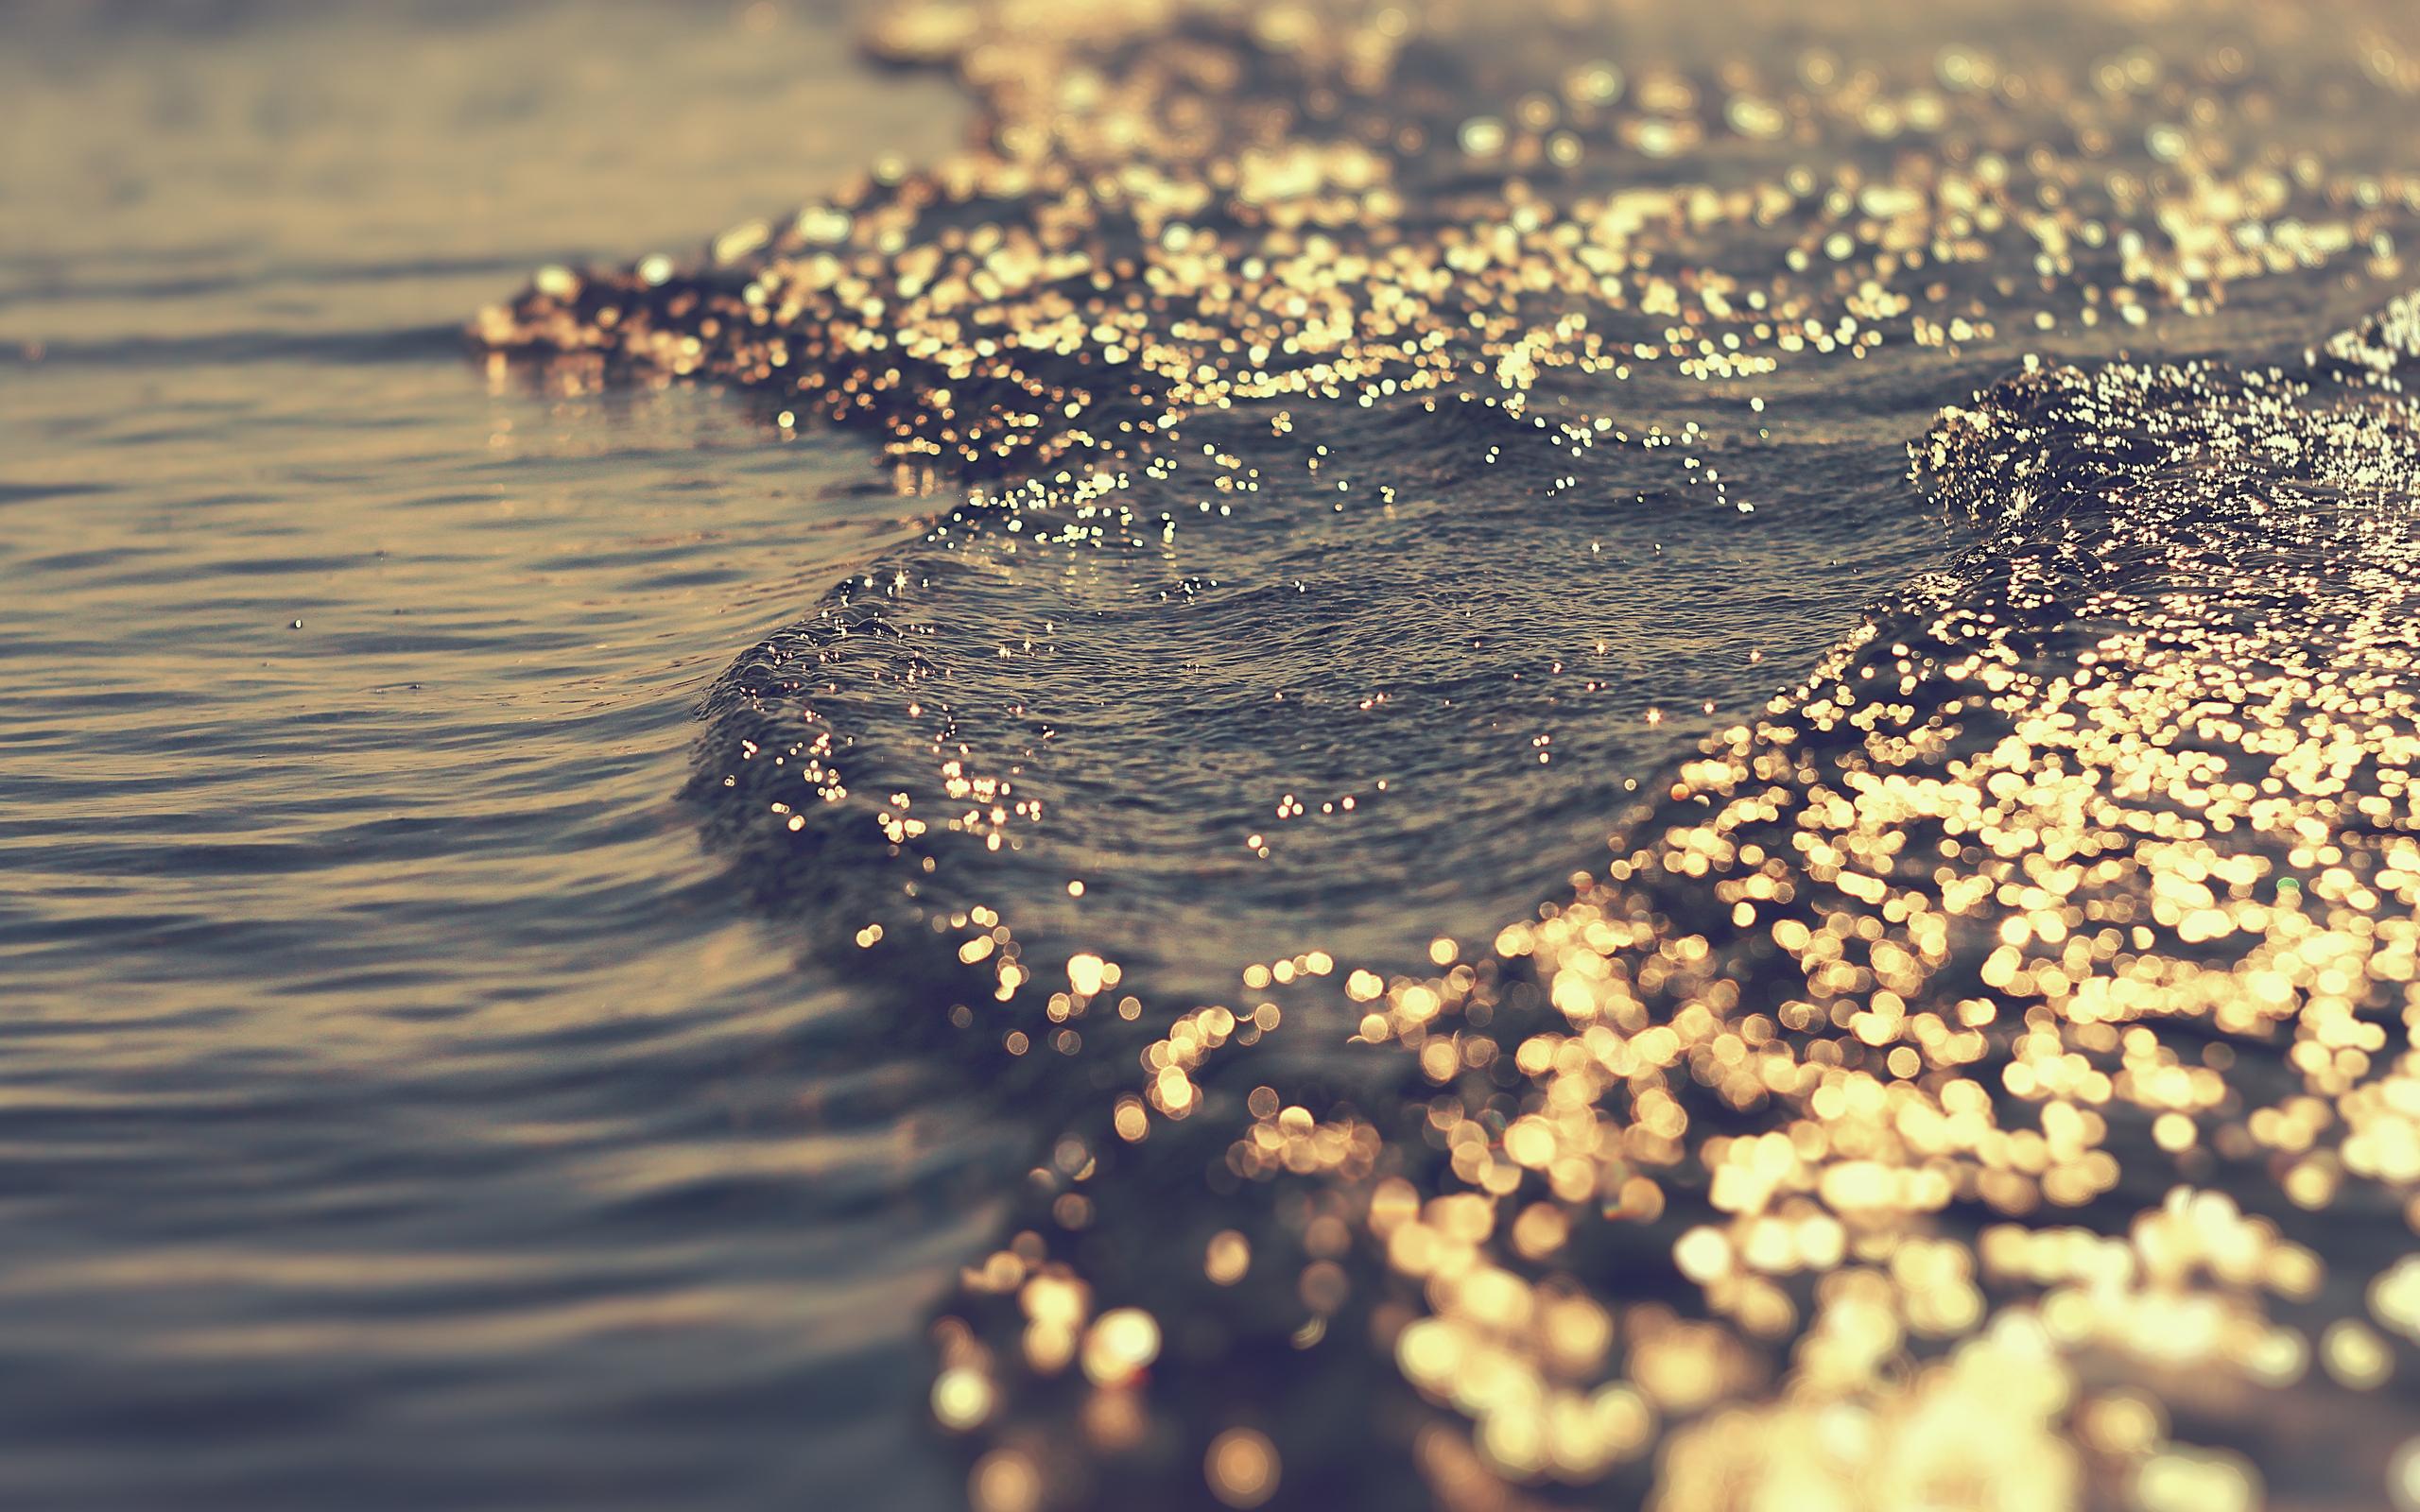 Handy-Wallpaper Landschaft, Wasser, Waves kostenlos herunterladen.